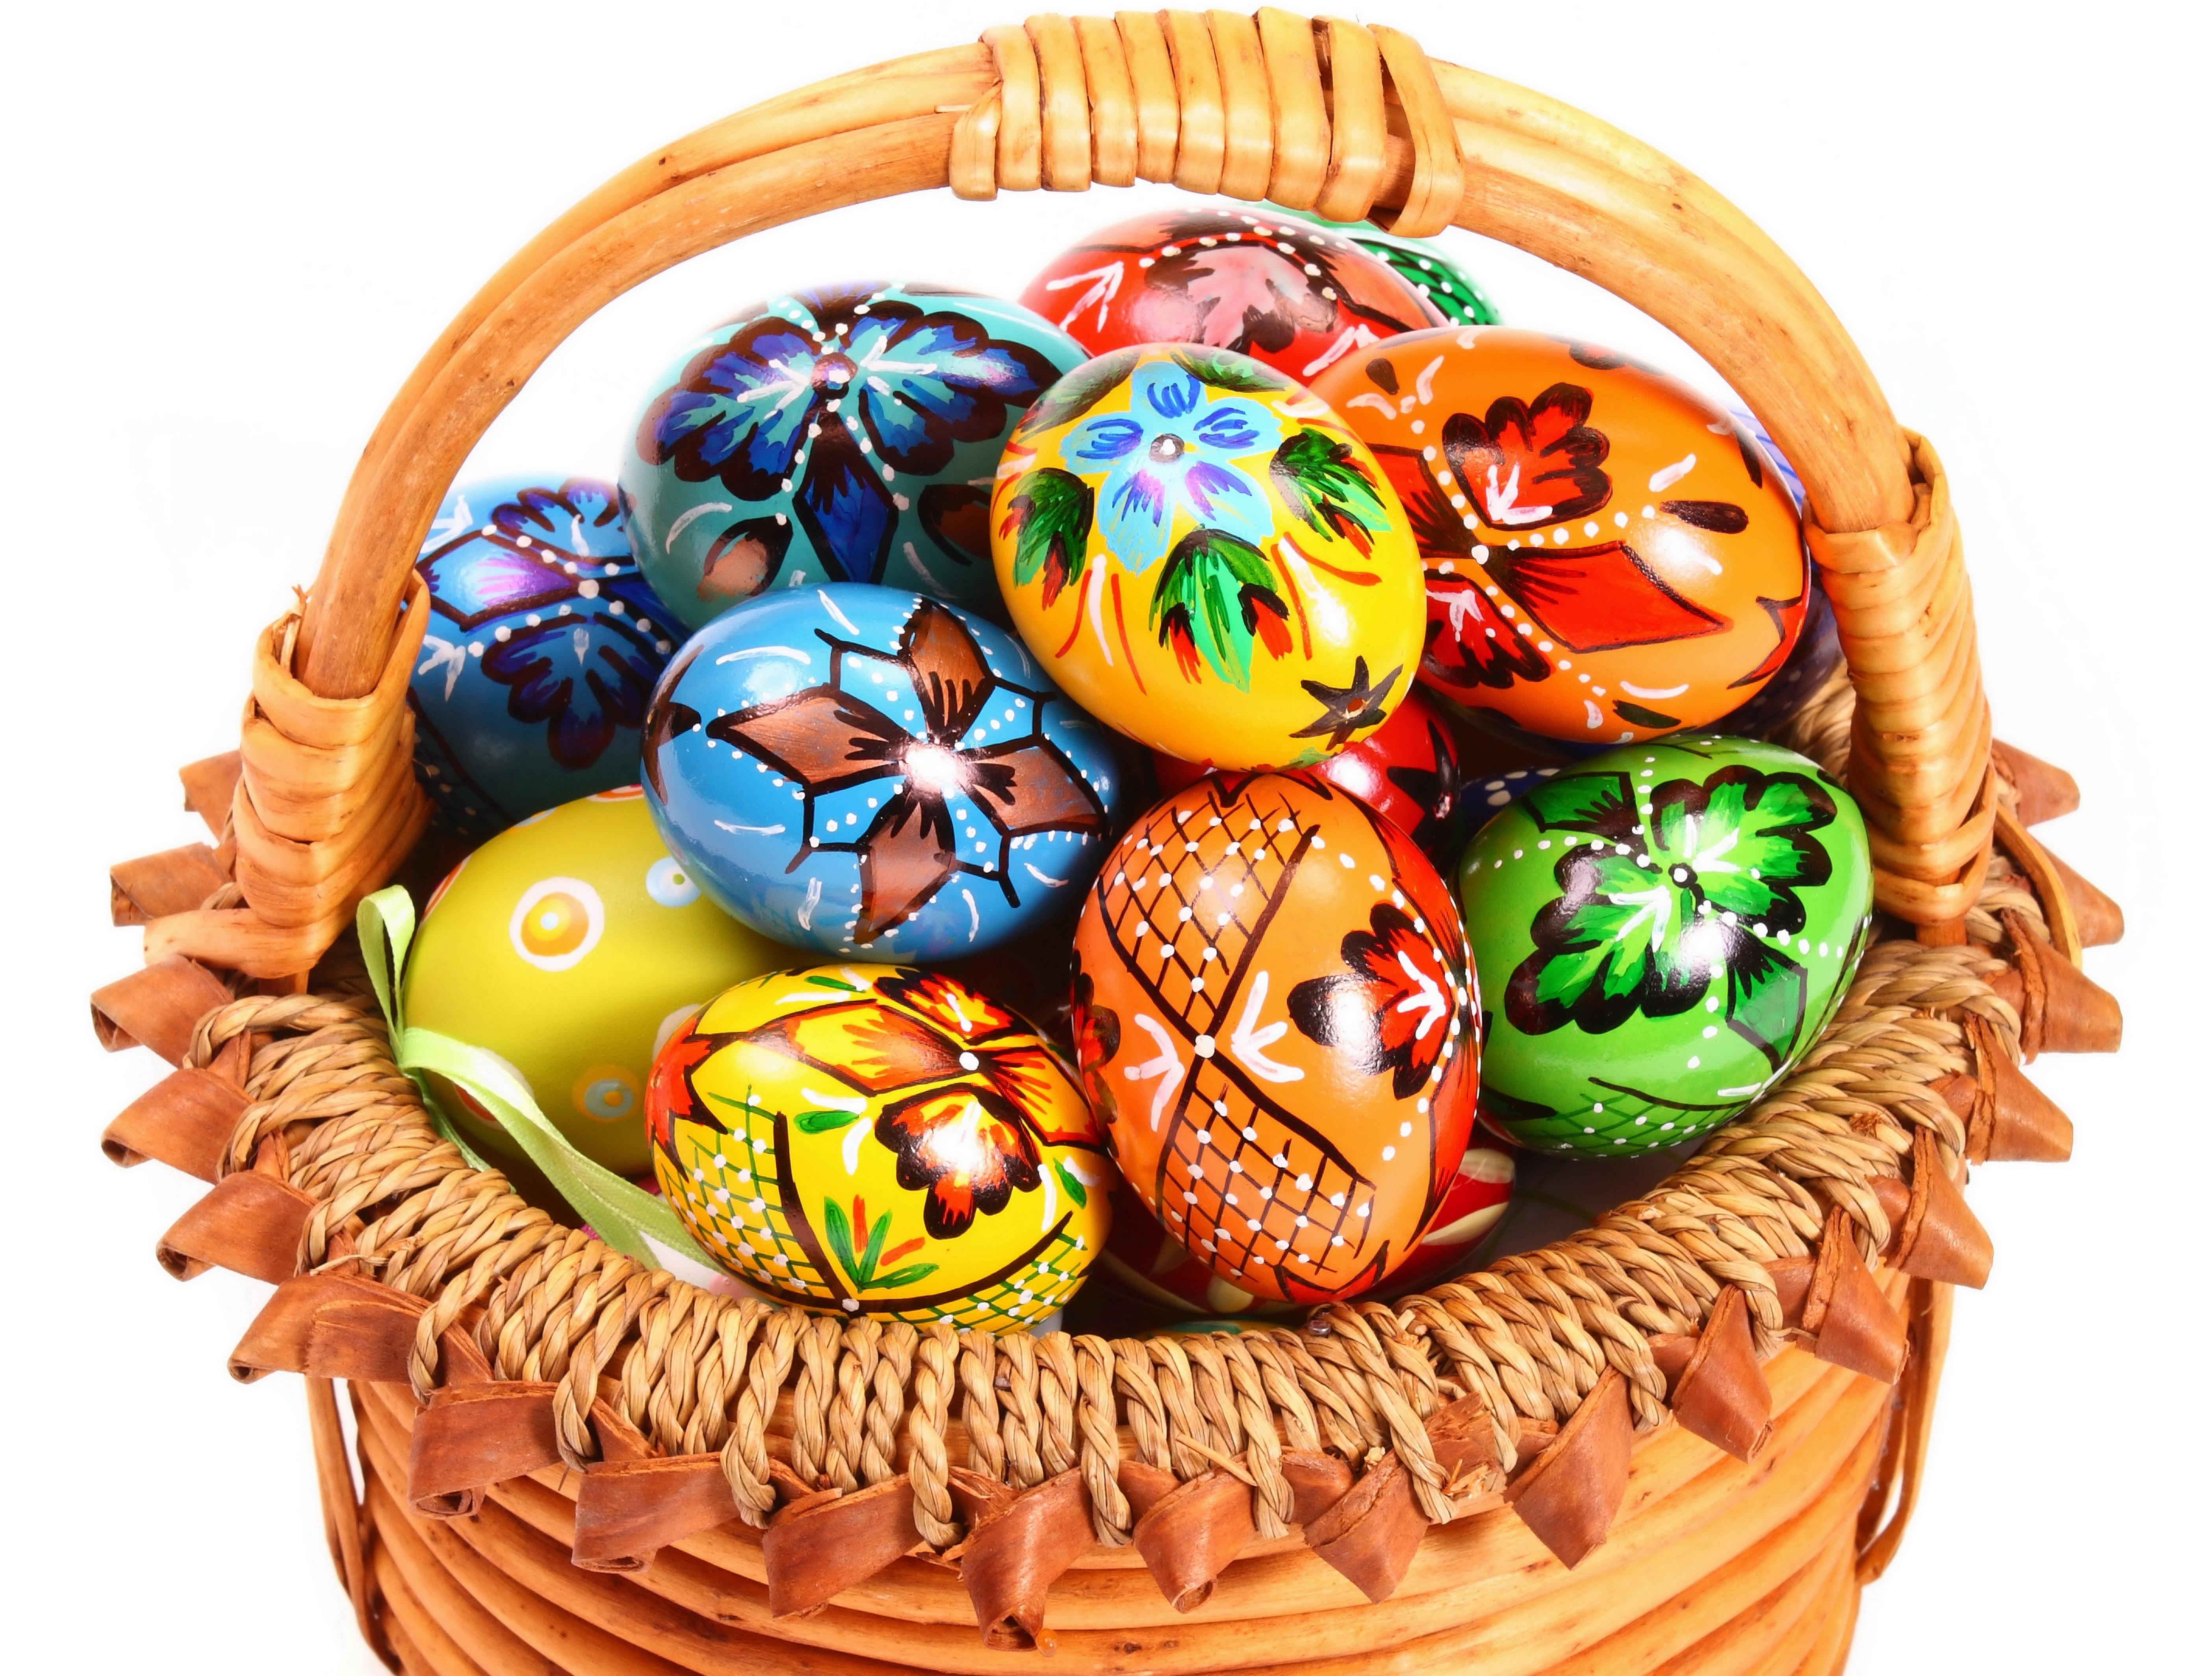 136300 descargar fondo de pantalla Miscelánea, Misceláneo, Cesta, Canasta, Pascua, Huevos: protectores de pantalla e imágenes gratis